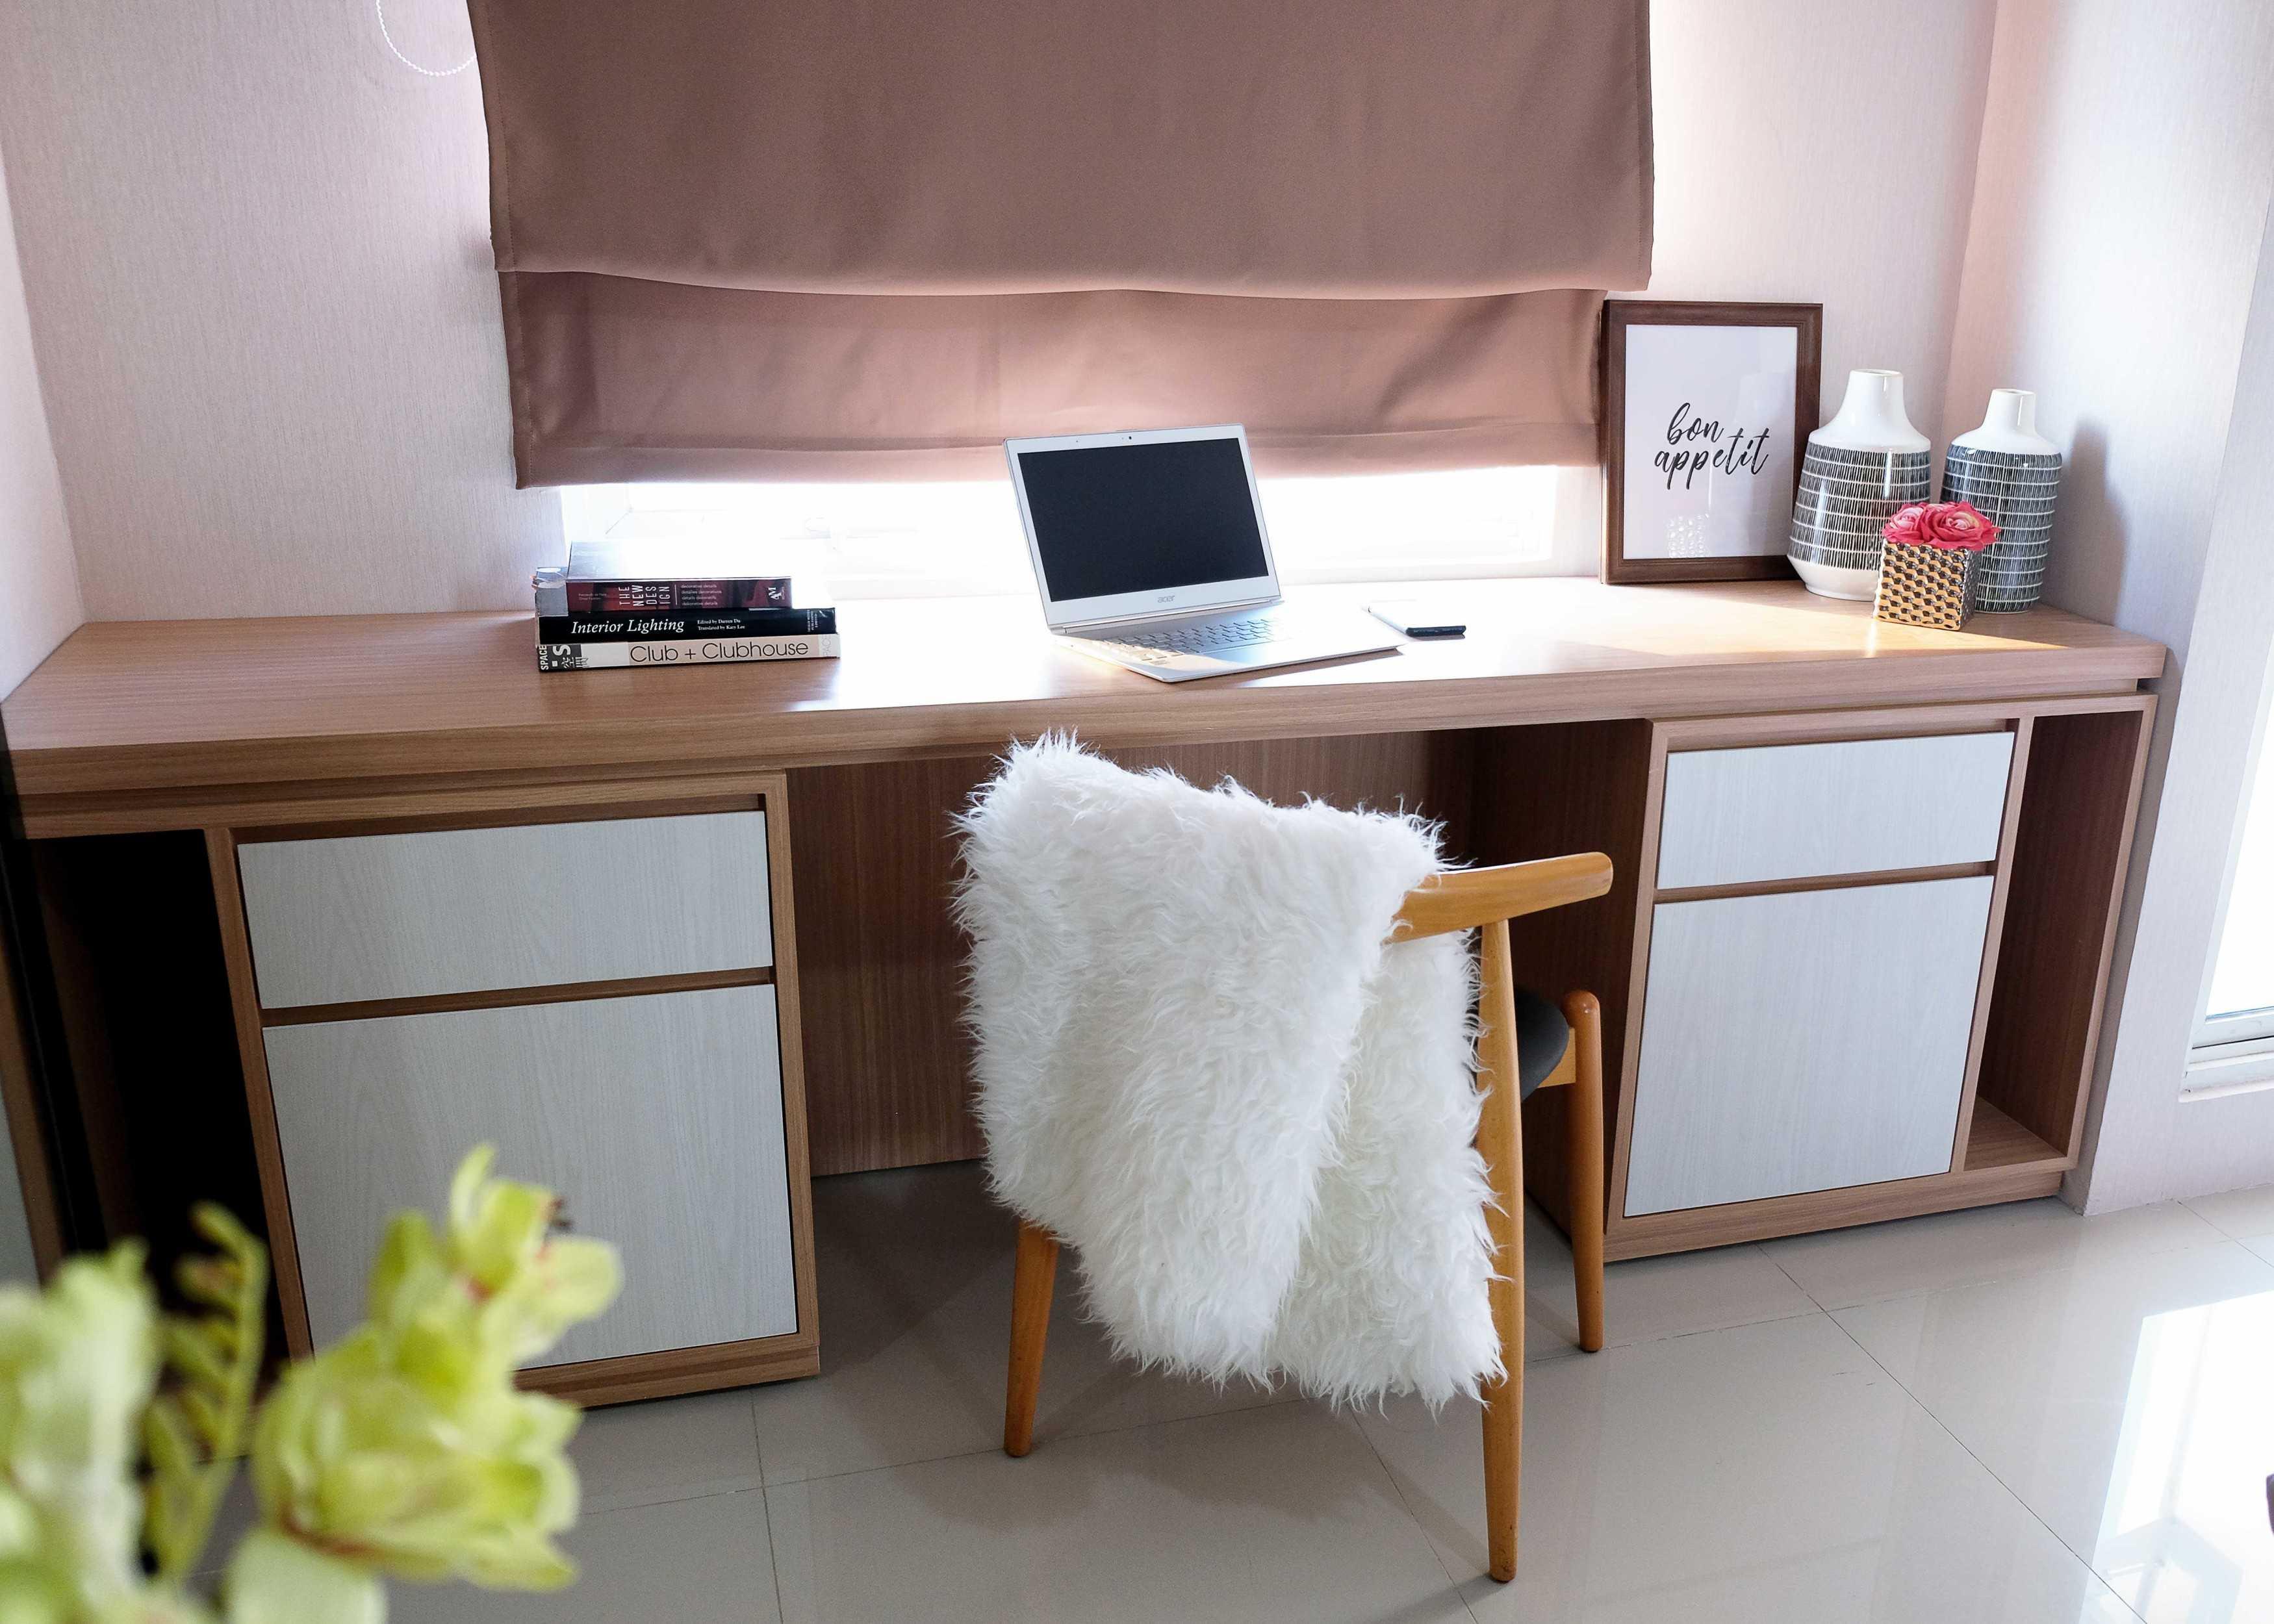 Equil Interior Tanglin Apartment Surabaya, Kota Sby, Jawa Timur, Indonesia Surabaya, Kota Sby, Jawa Timur, Indonesia Equil-Interior-Tanglin-Apartment Modern  59469